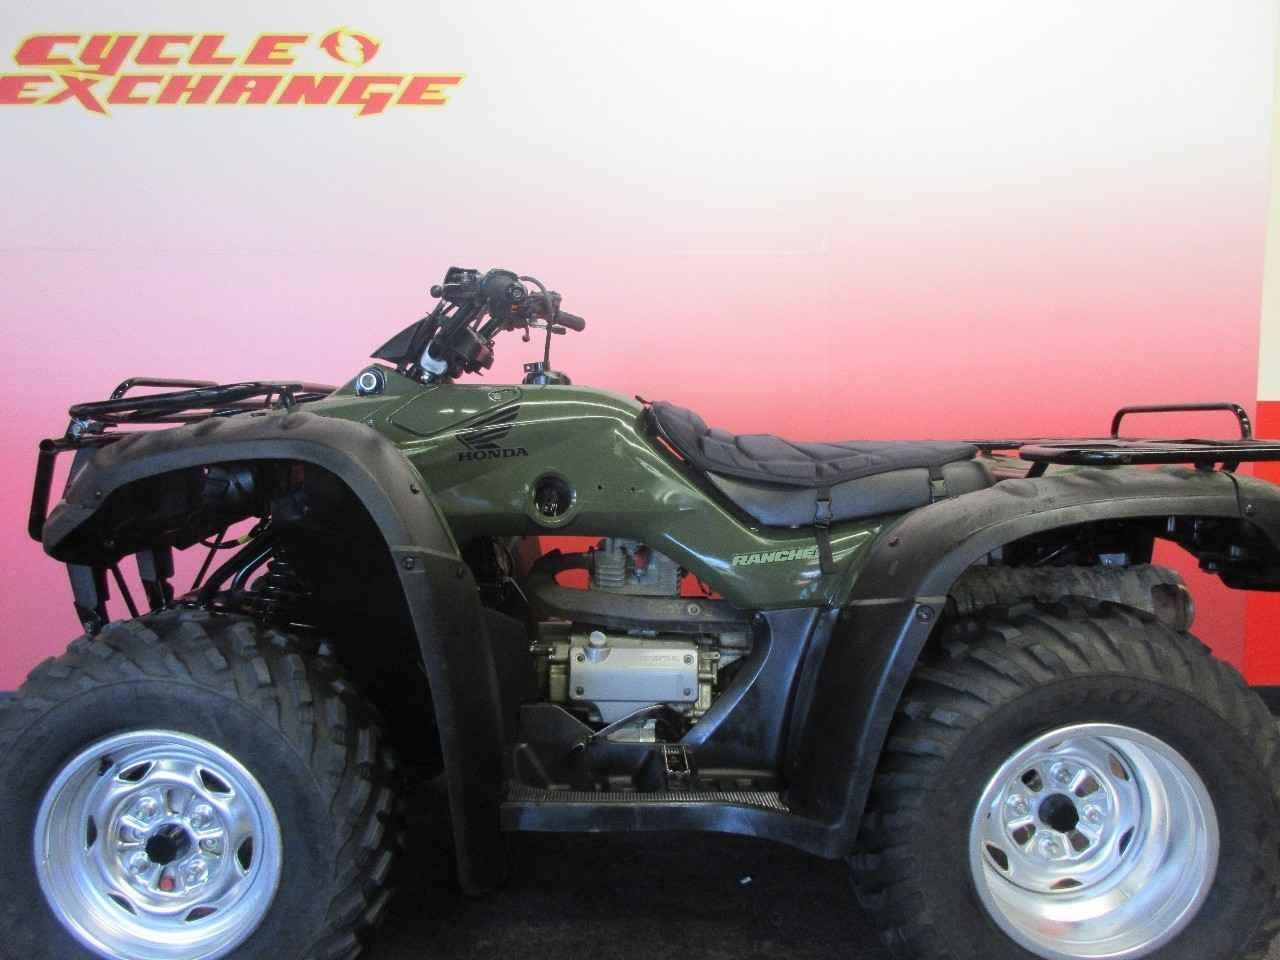 Used 2005 Honda TRX 400 Rancher ATVs For Sale in Georgia. 2005 Honda TRX 400